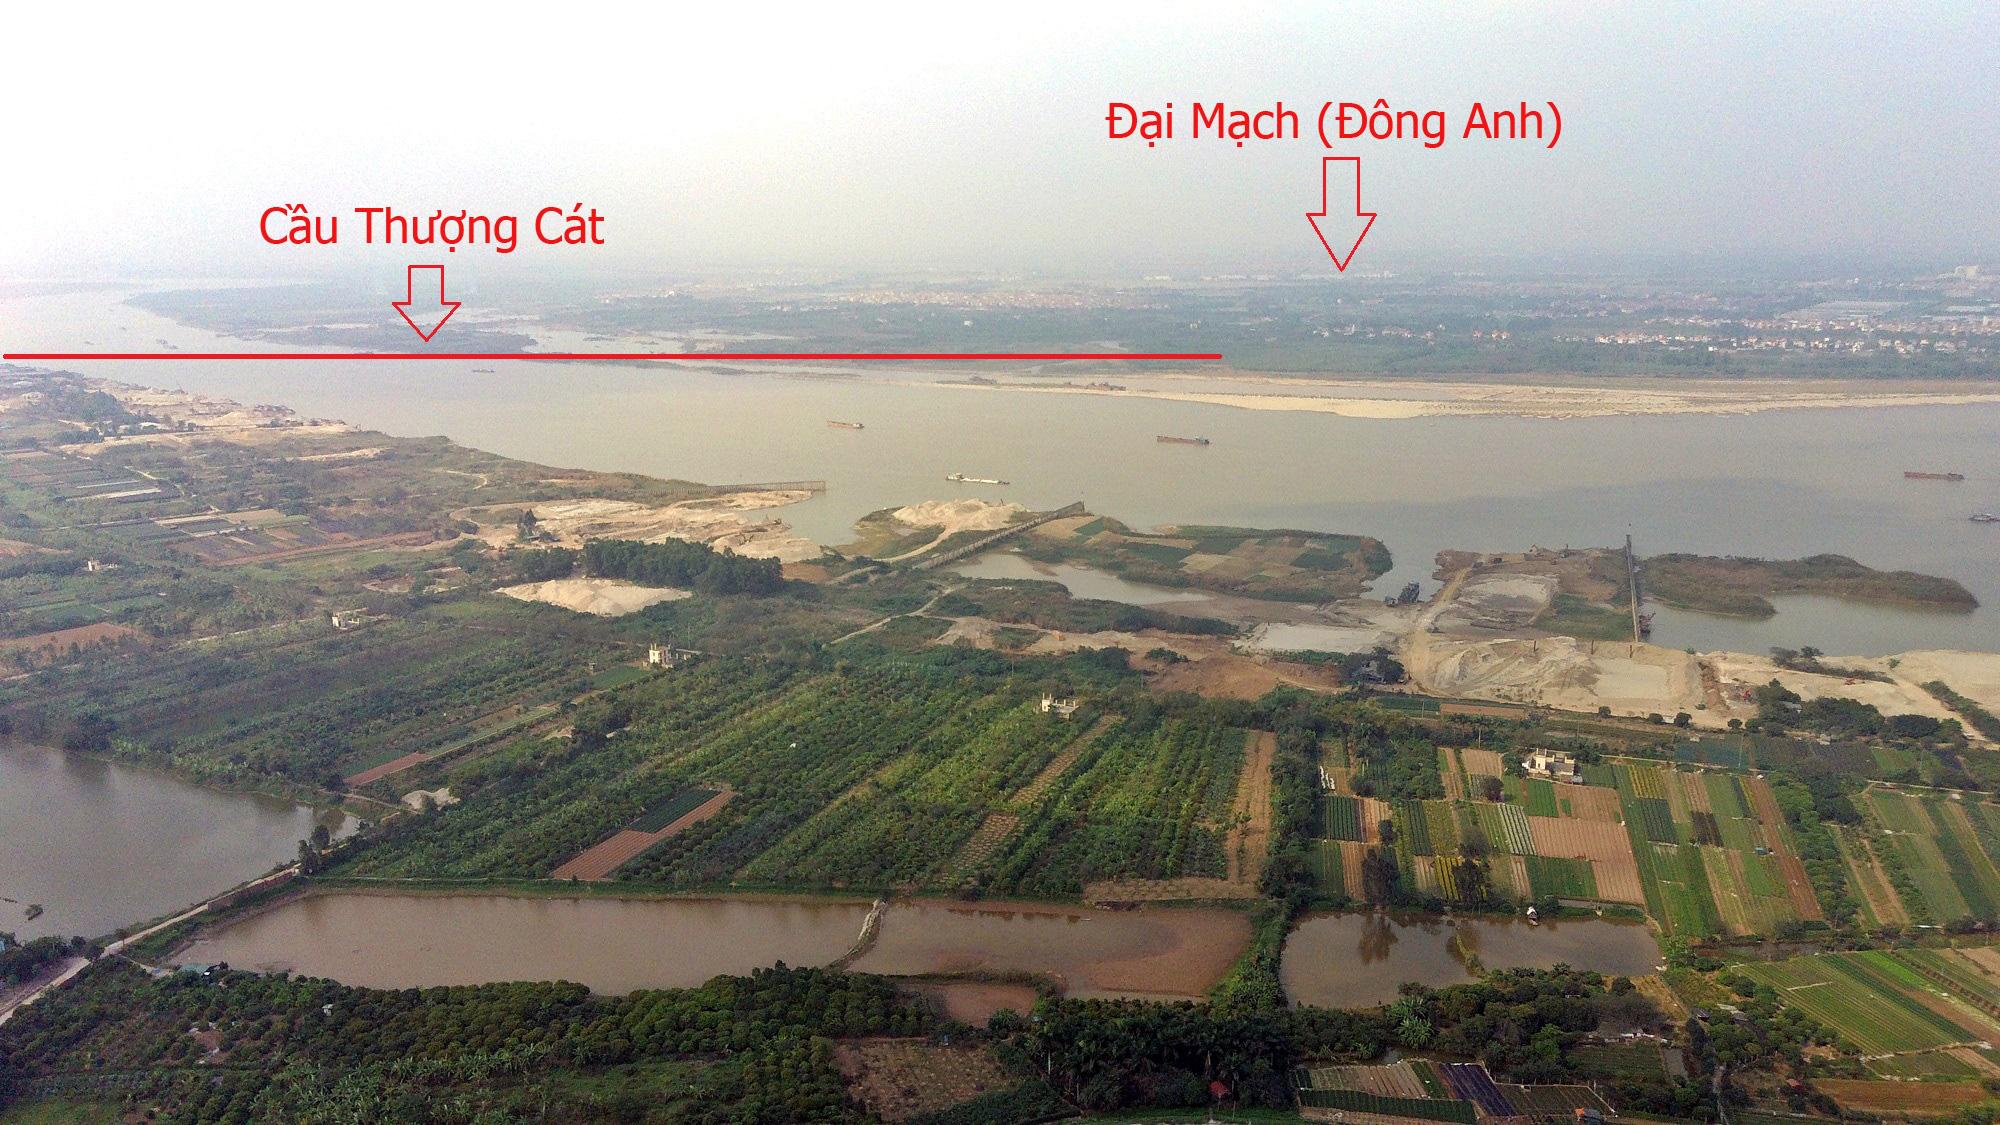 Cầu sẽ mở theo qui hoạch ở Hà Nội: Toàn cảnh cầu Thượng Cát nối Bắc Từ Liêm với Đông Anh - Ảnh 2.